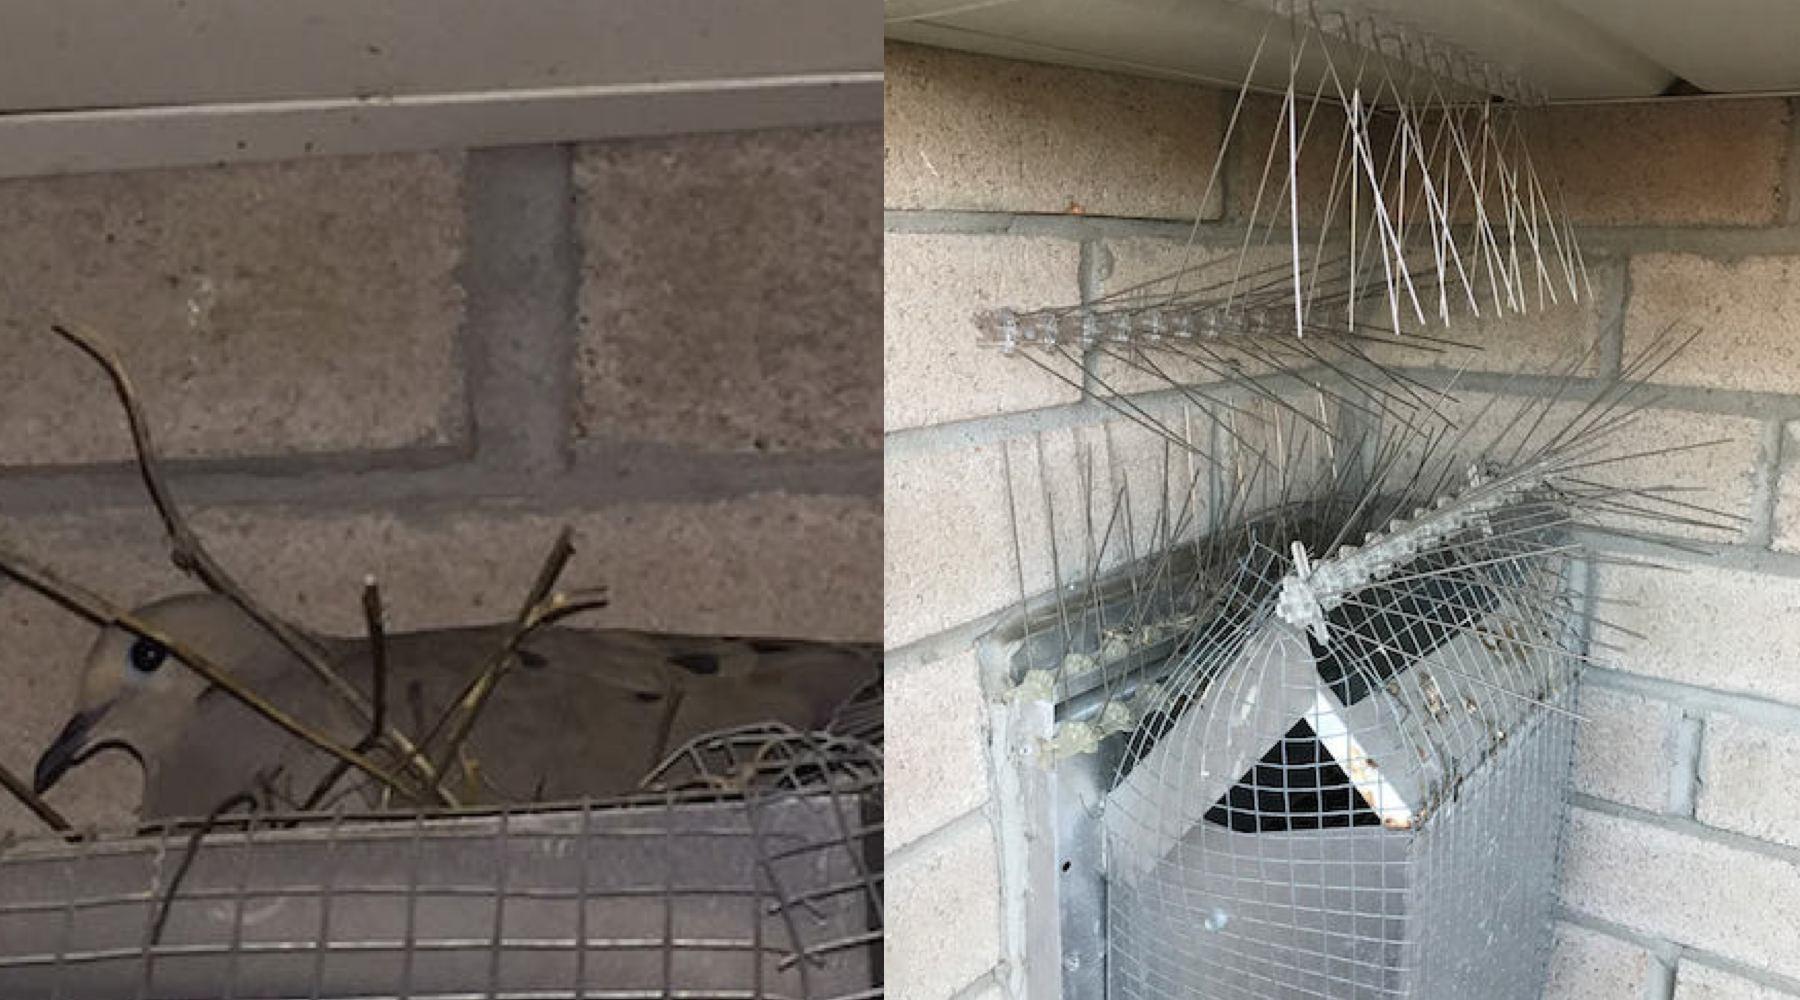 Bird_battle-1532461184381-1532461186449.jpg